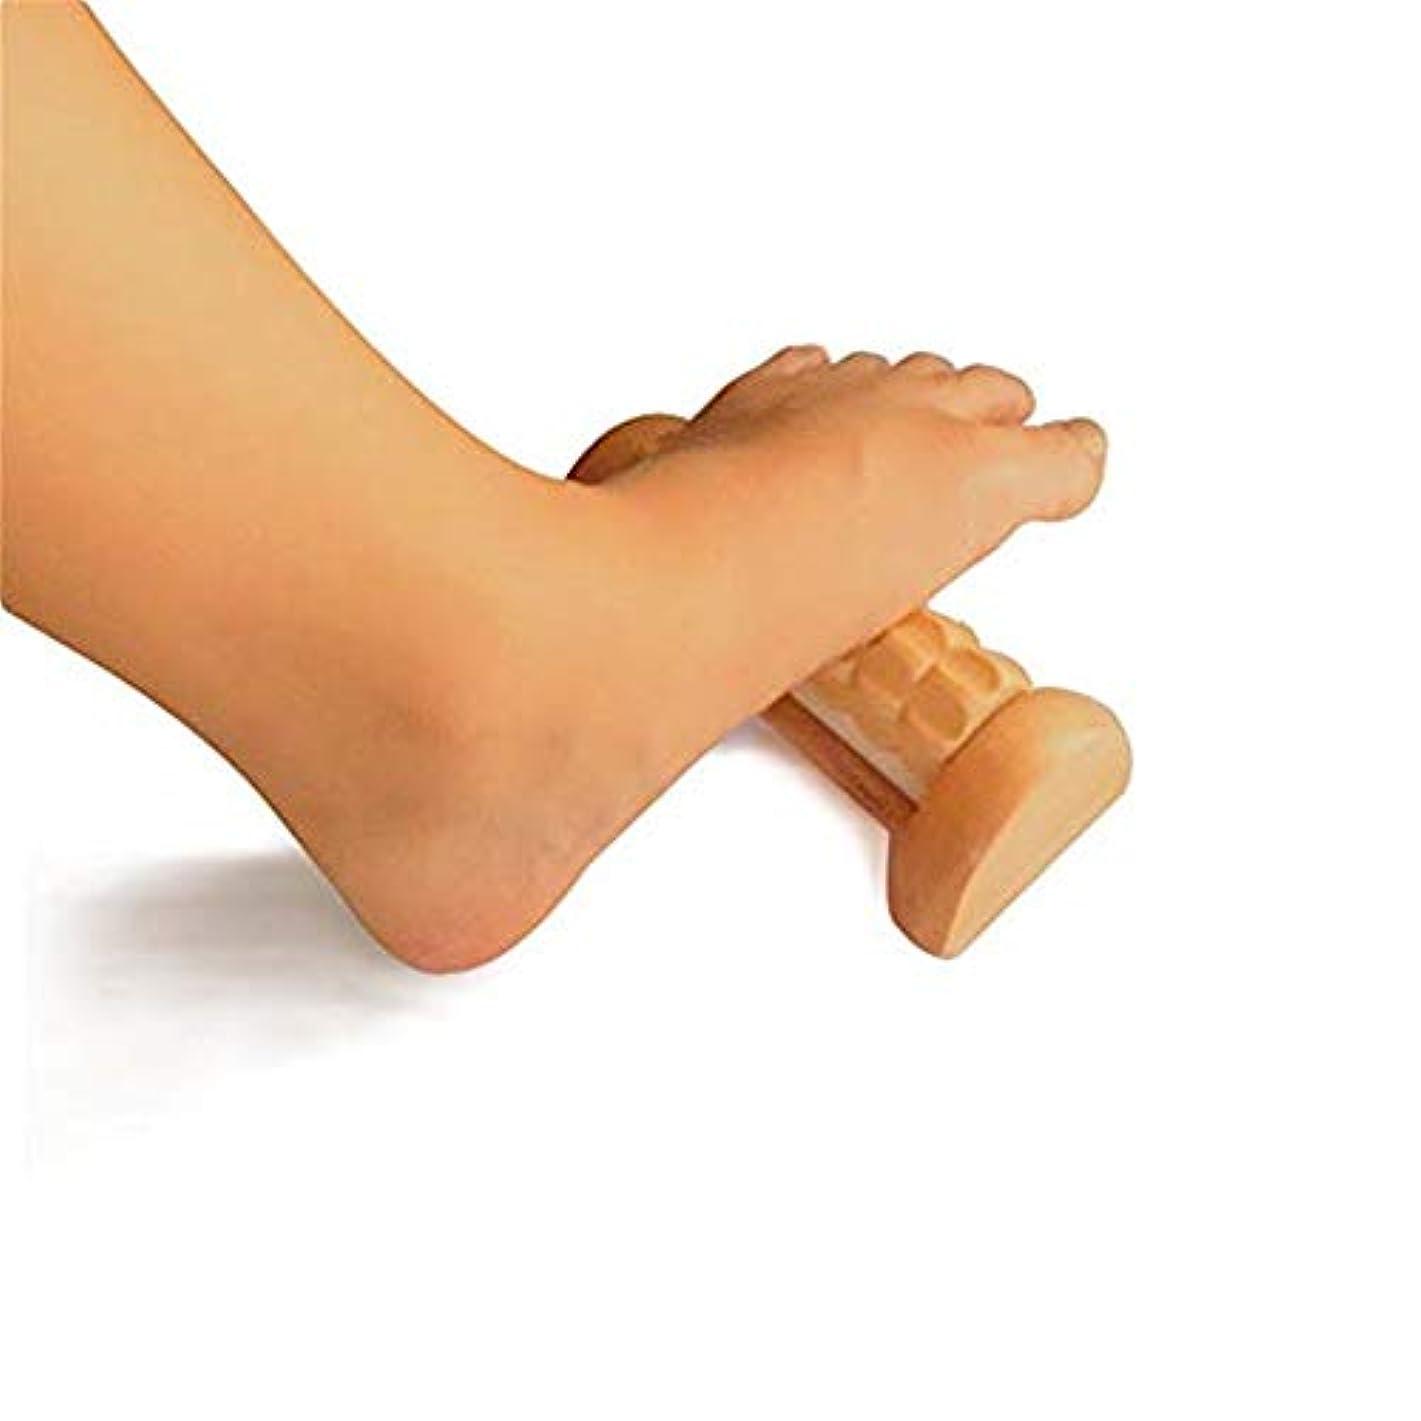 何暴力的な真夜中Foot Massager Roller - 足のARCHの痛み、足底筋膜炎、痛みのセルフマッサージと痛みを和らげます - 筋膜の弛緩、リラックスした緊張/タイトな筋膜およびアーチを刺激します